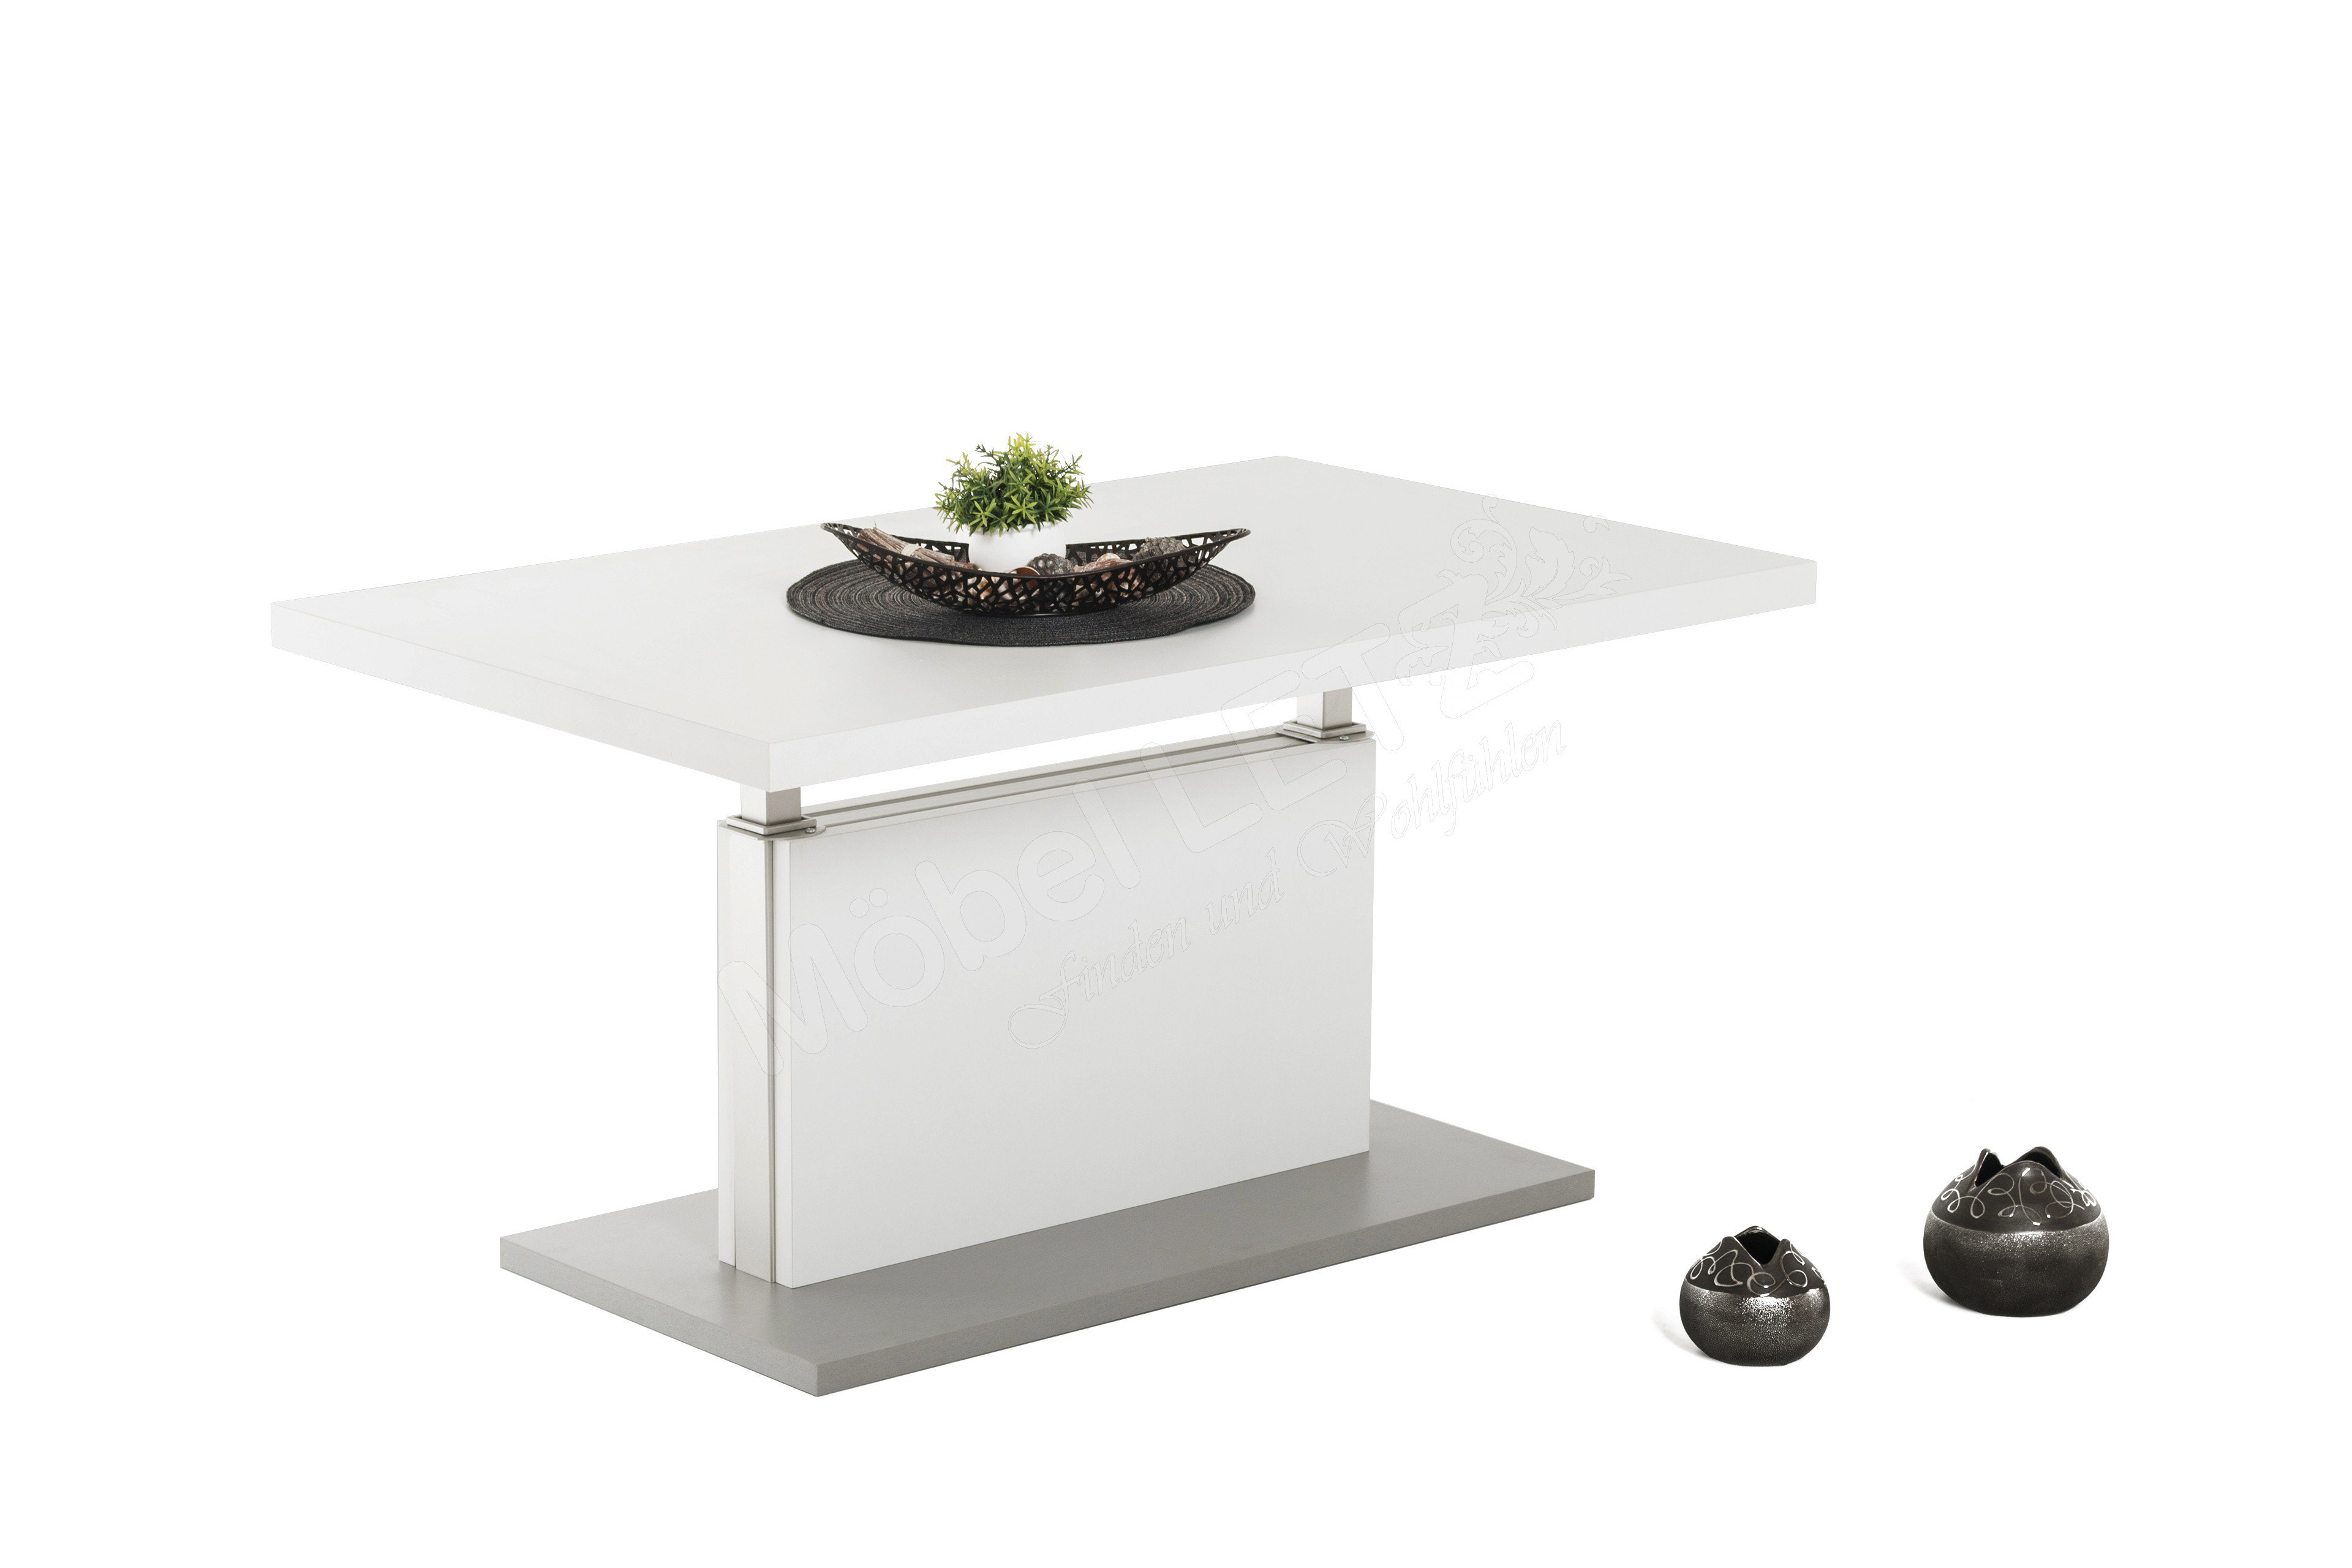 vierhaus couchtisch v 7323 wss in wei m bel letz ihr. Black Bedroom Furniture Sets. Home Design Ideas